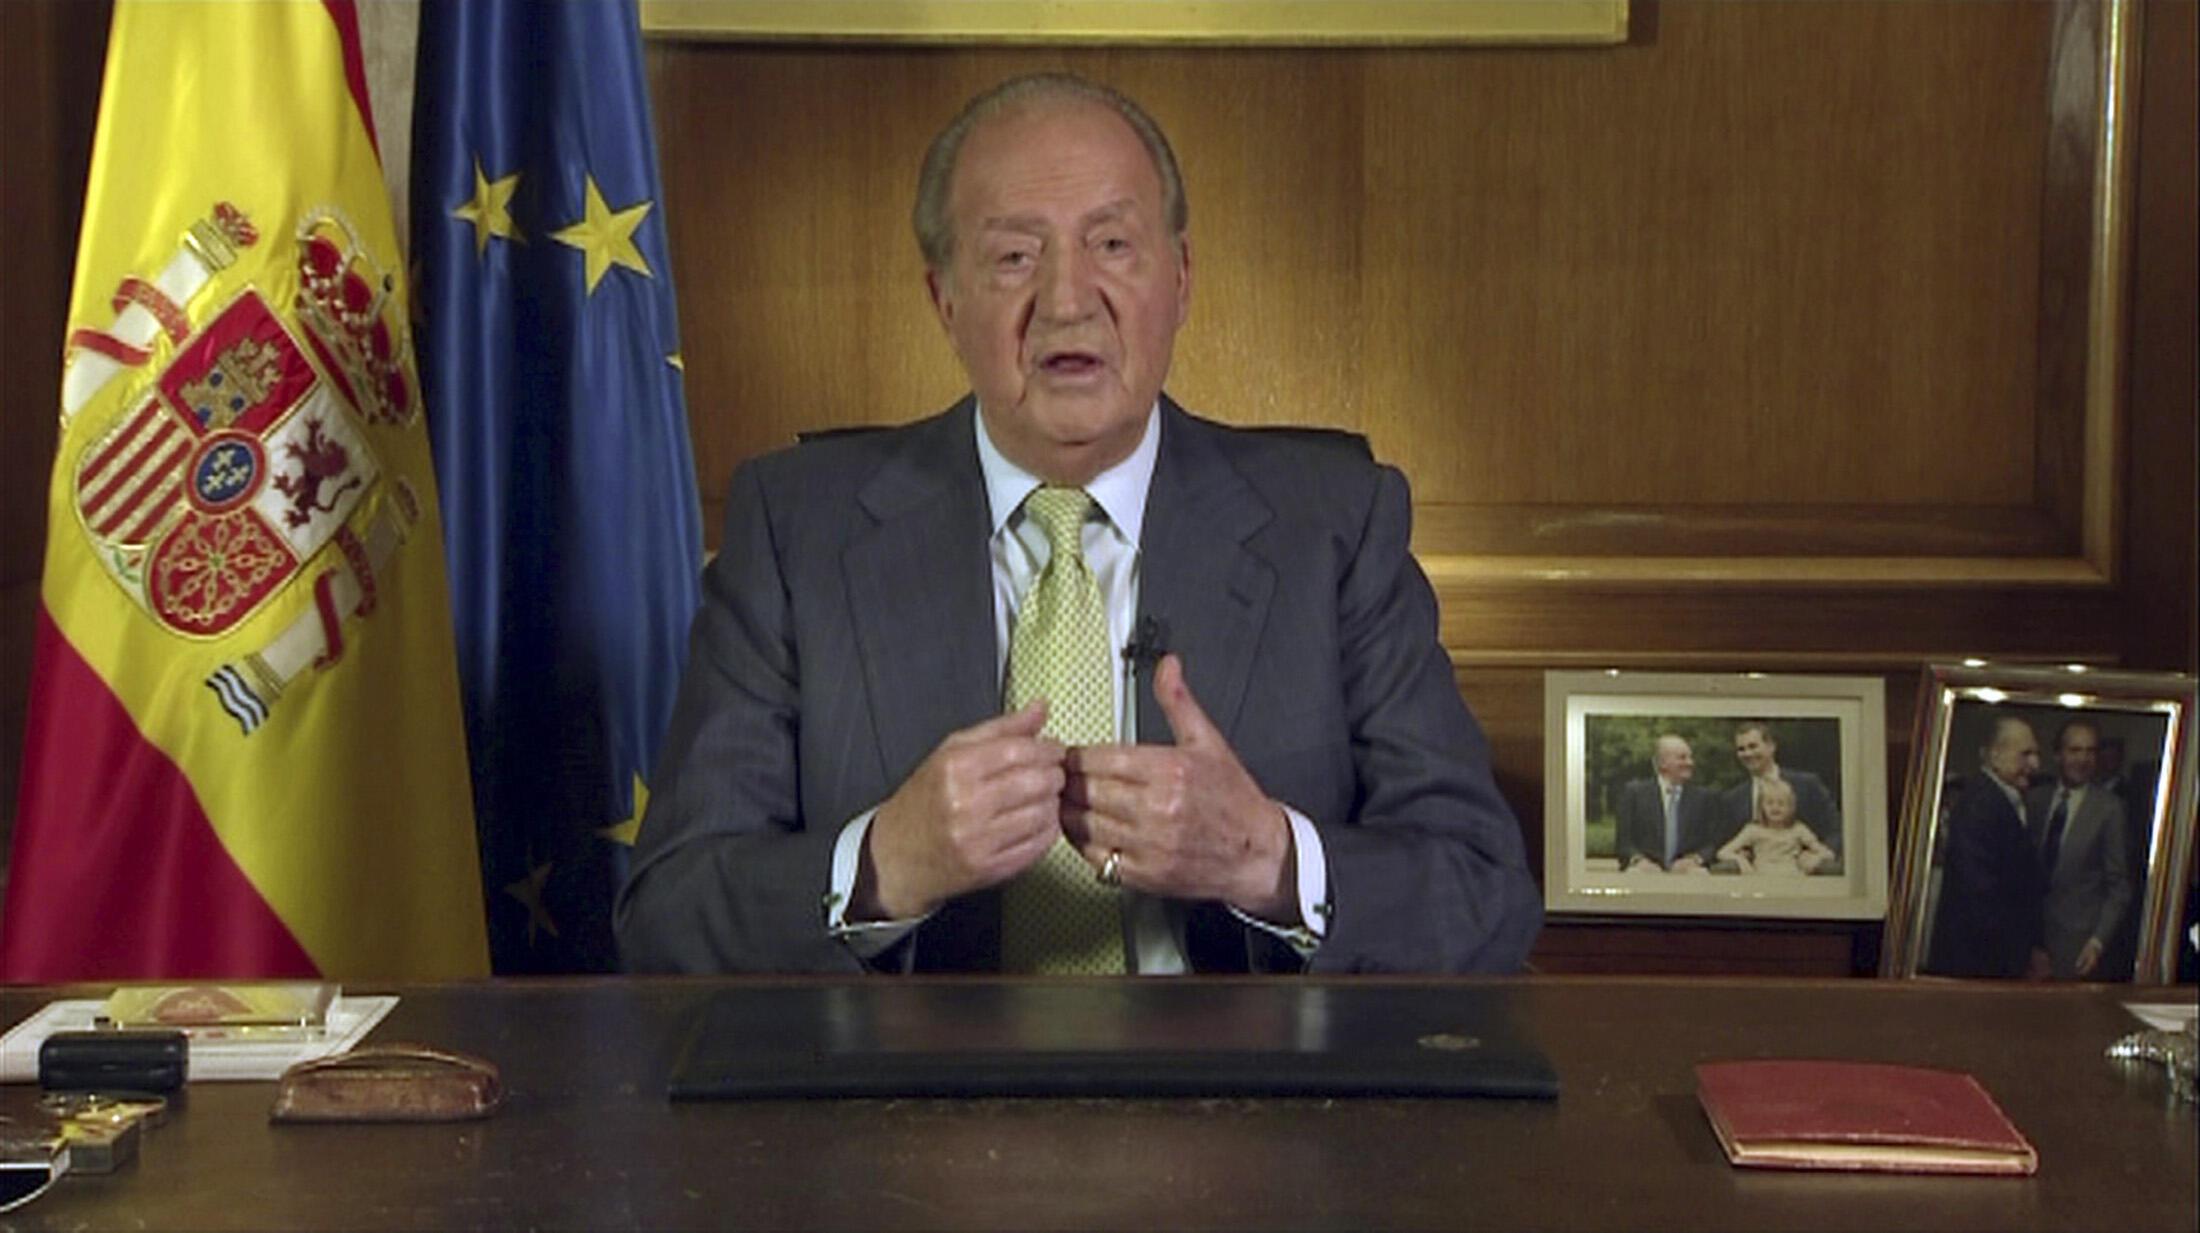 O rei espanhol Juan Carlos anuncia na TV sua abdicação, no Palácio Zarzuela, nesta segunda-feira, 2 de junho de 2014.